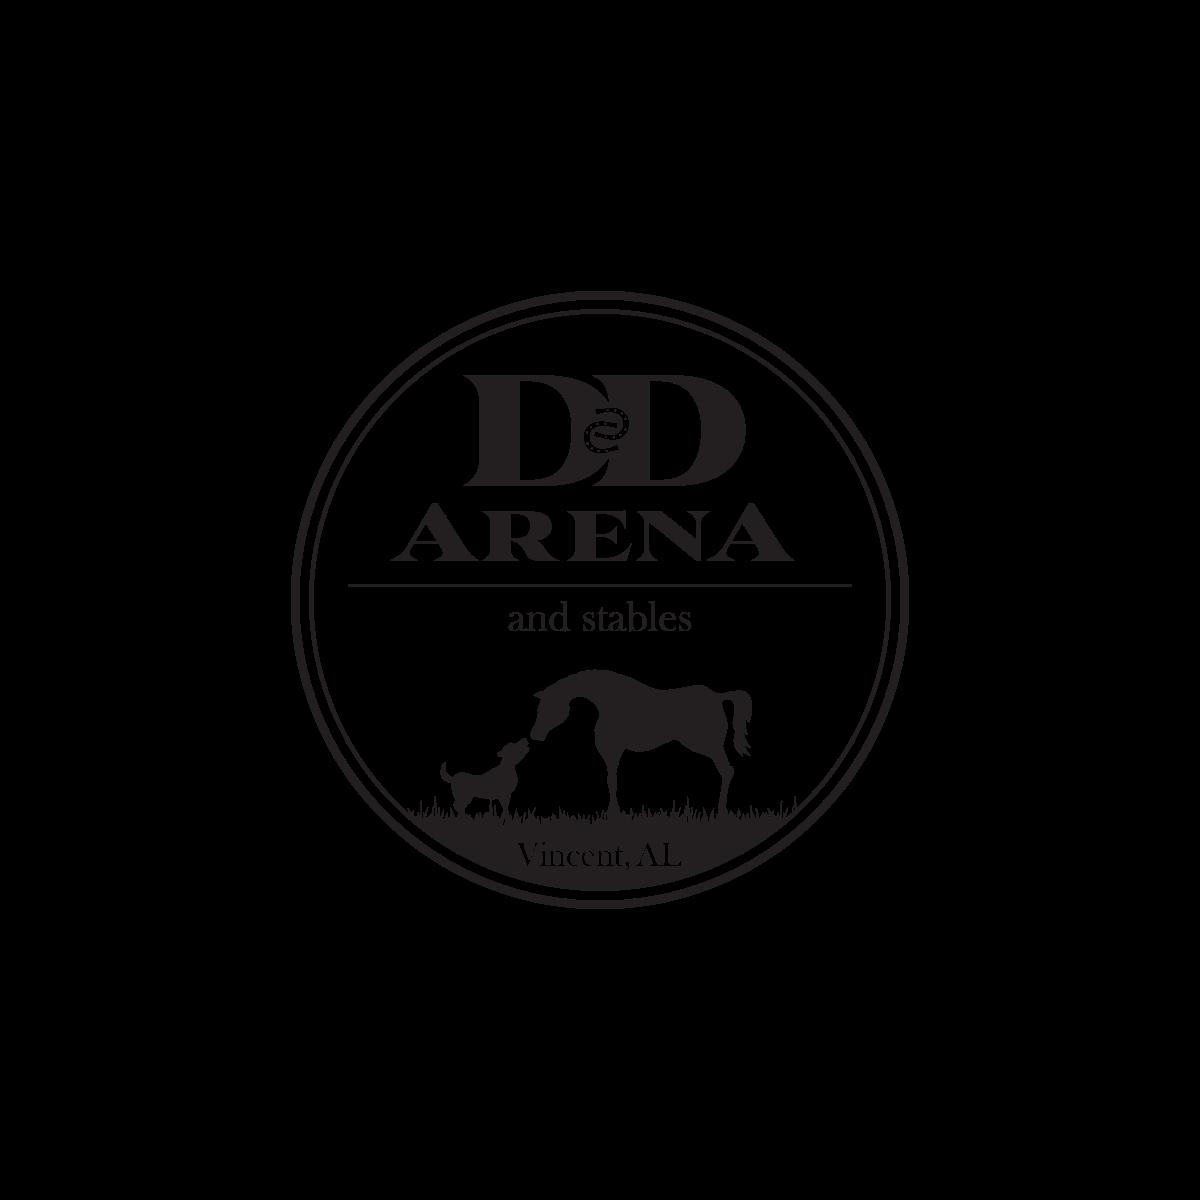 D&D arena logo